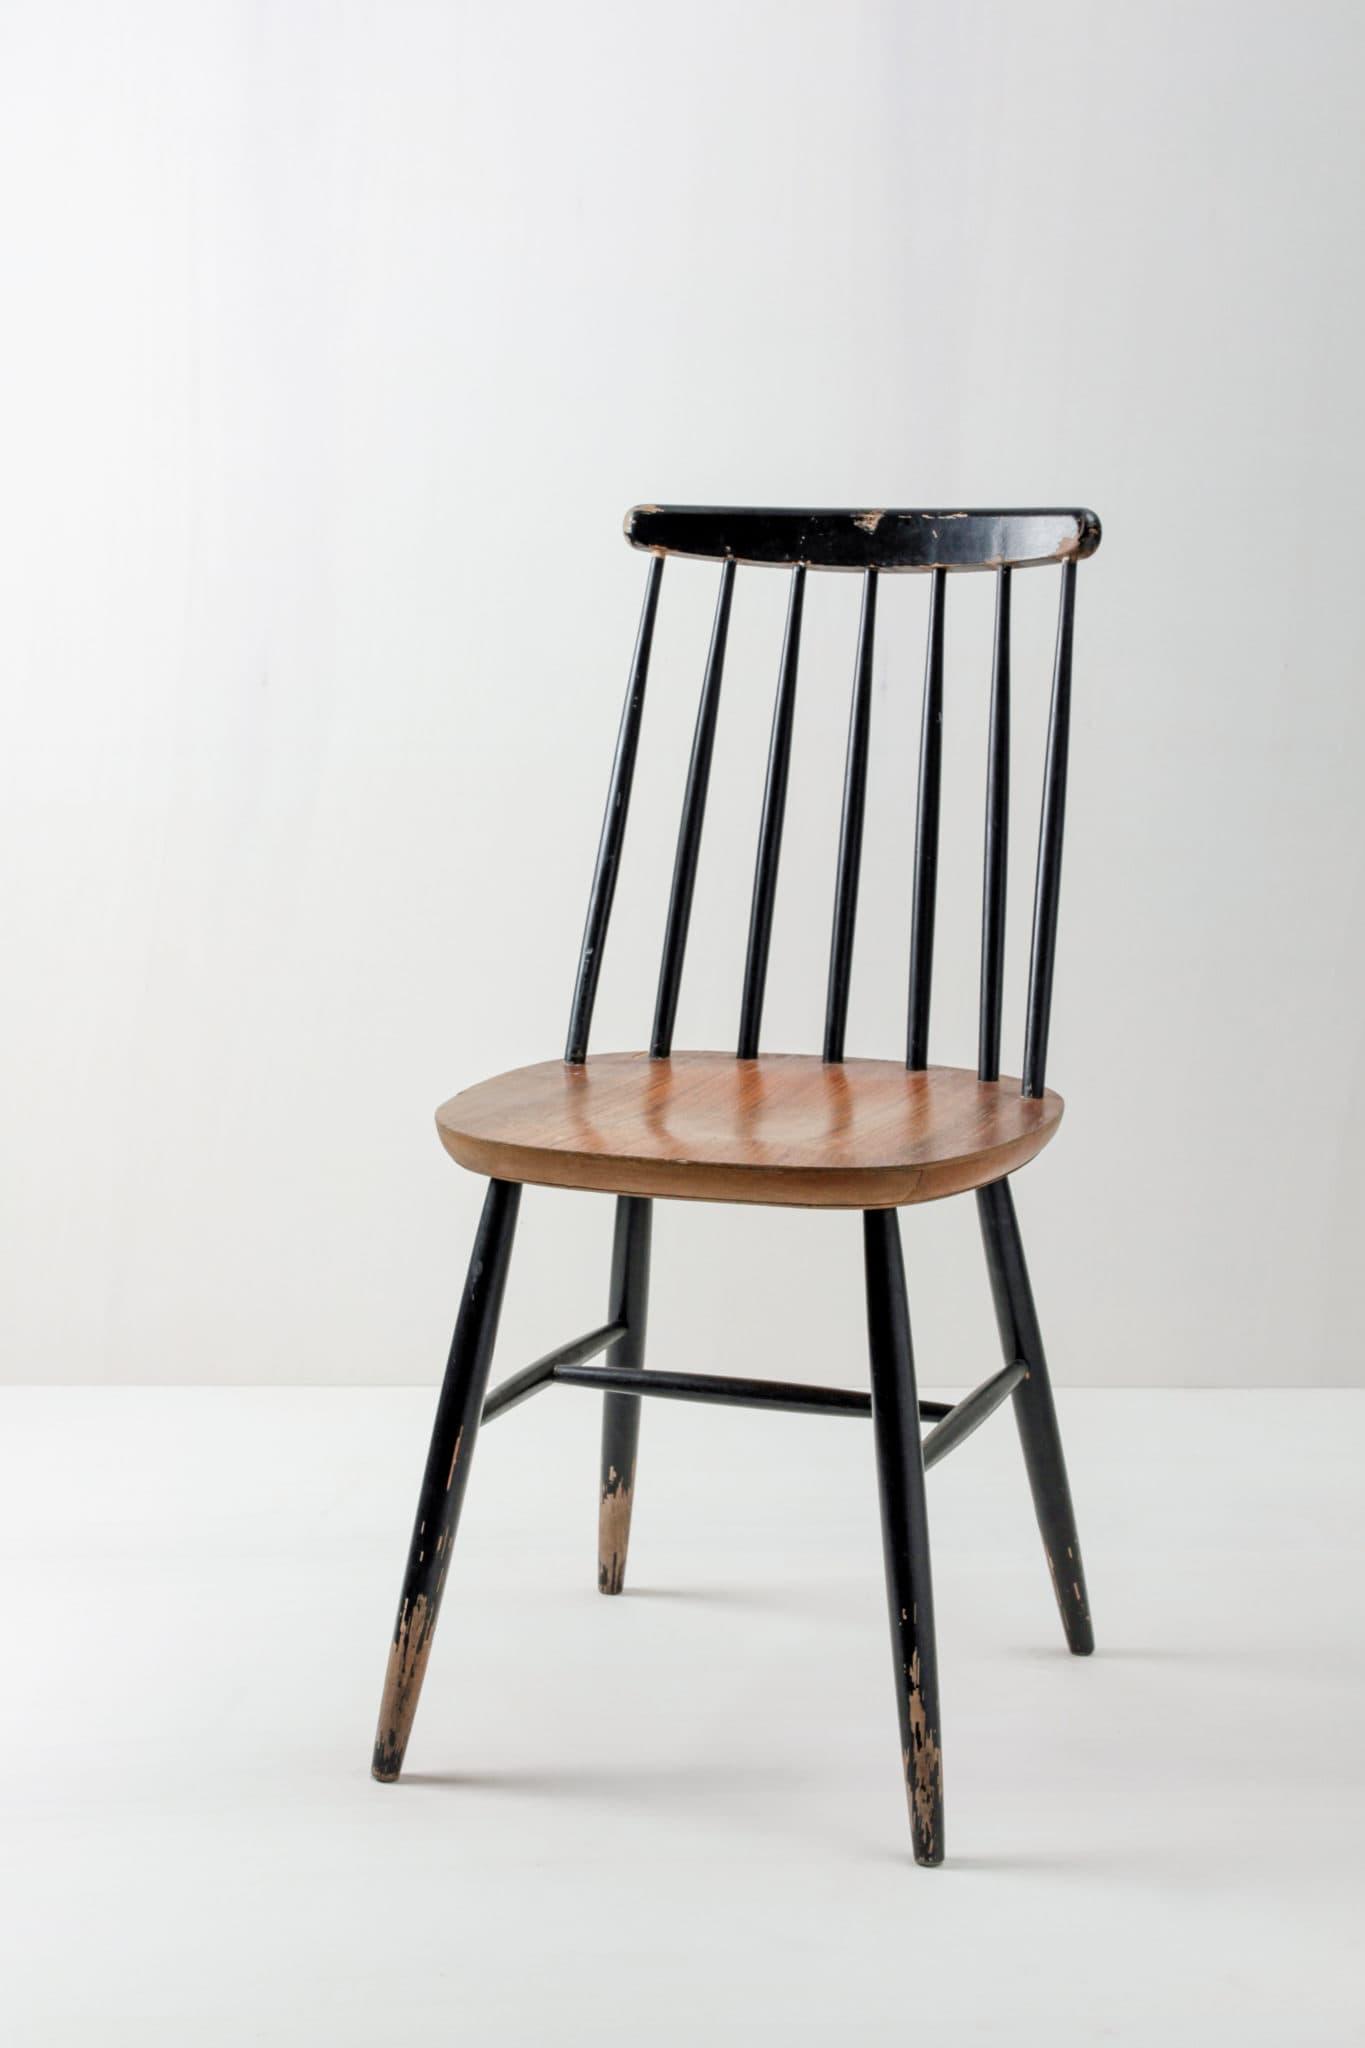 Tische und Stühle mieten in Berlin, Standardausstattung, Vintage